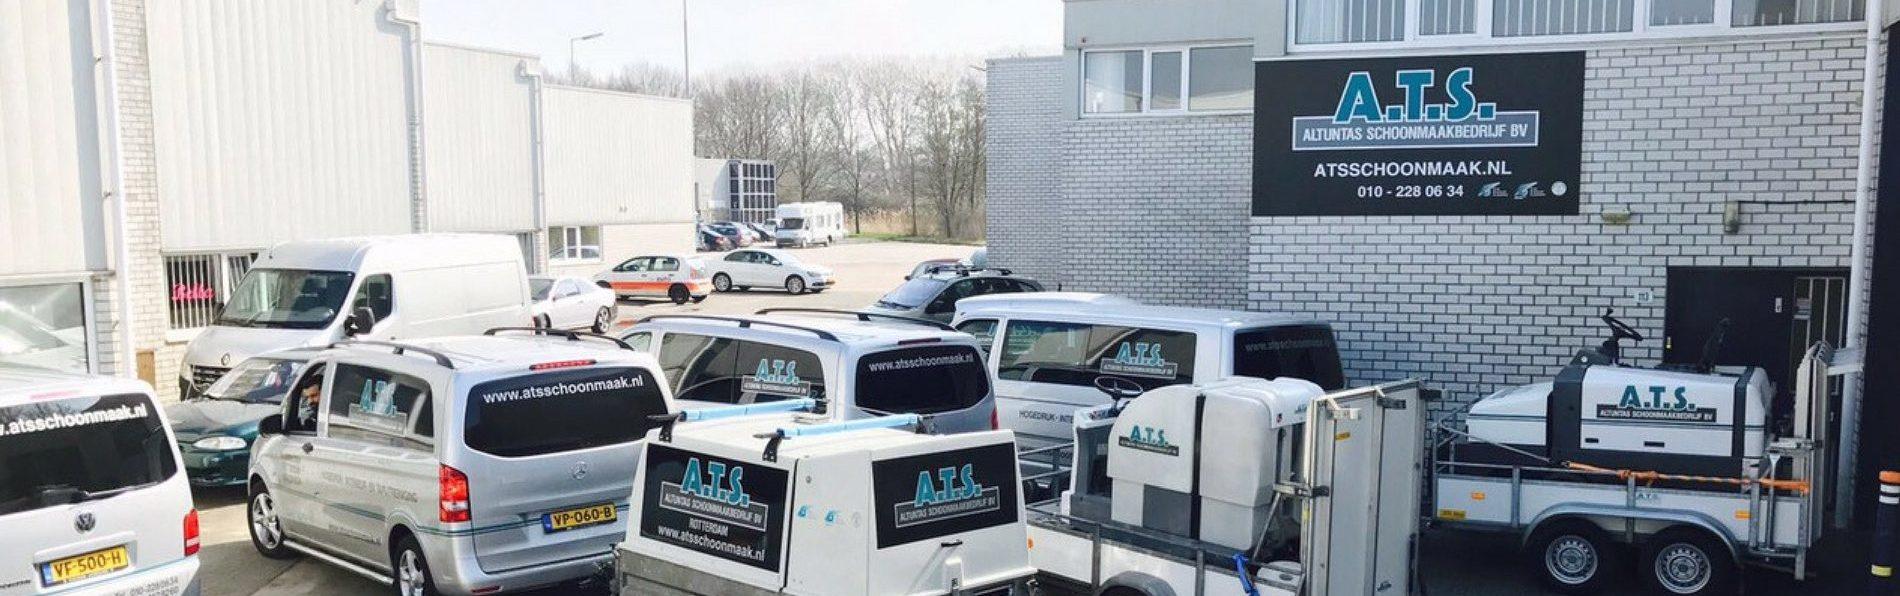 ats-schoonmaak-rijswijk-footer